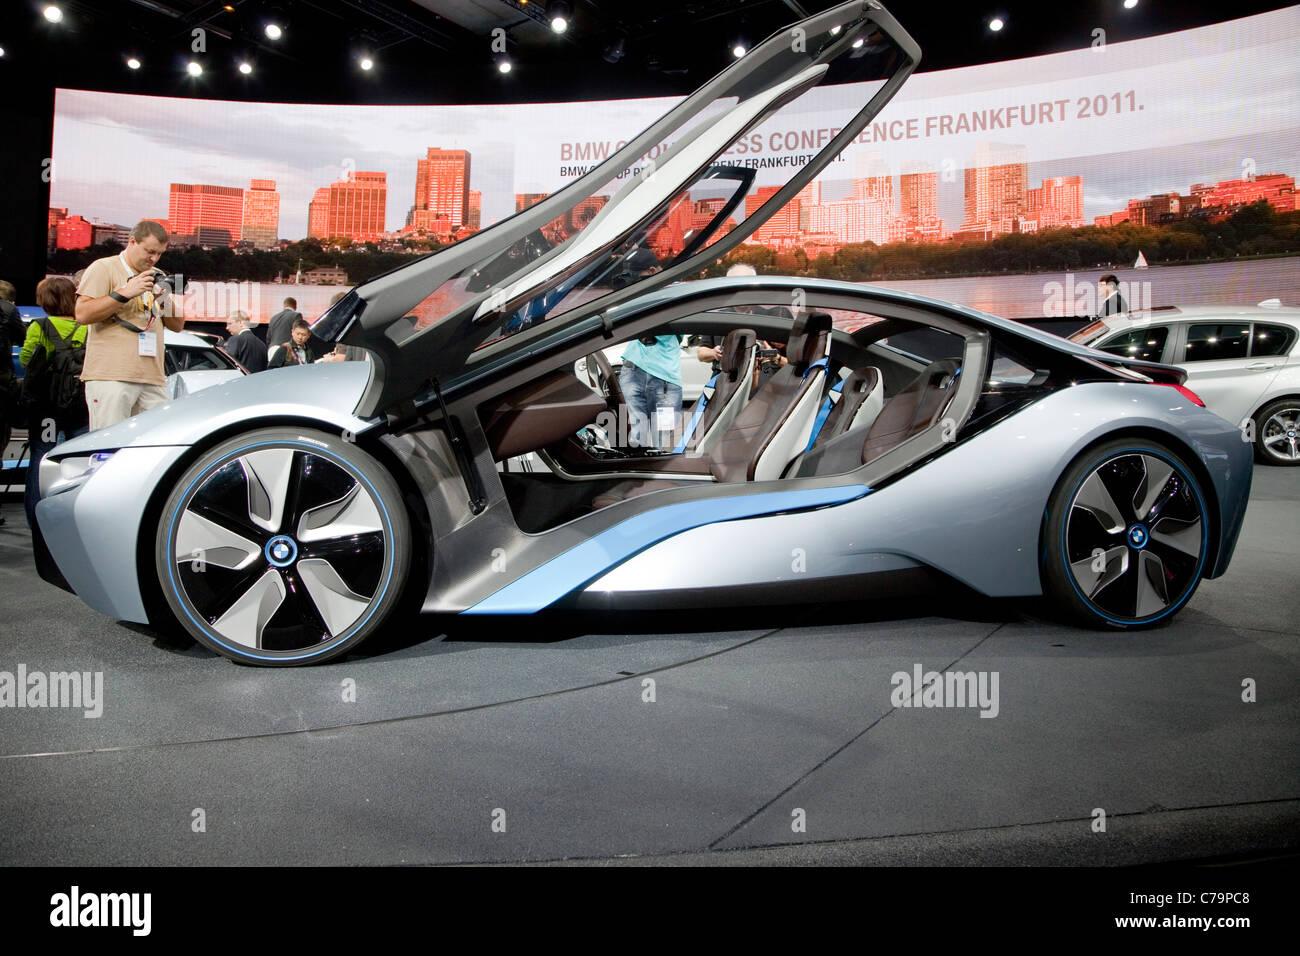 Neue BMW i8 elektrische Konzept Caron die IAA 2011 International Motor Show in Frankfurt Am Main, Deutschland Stockbild